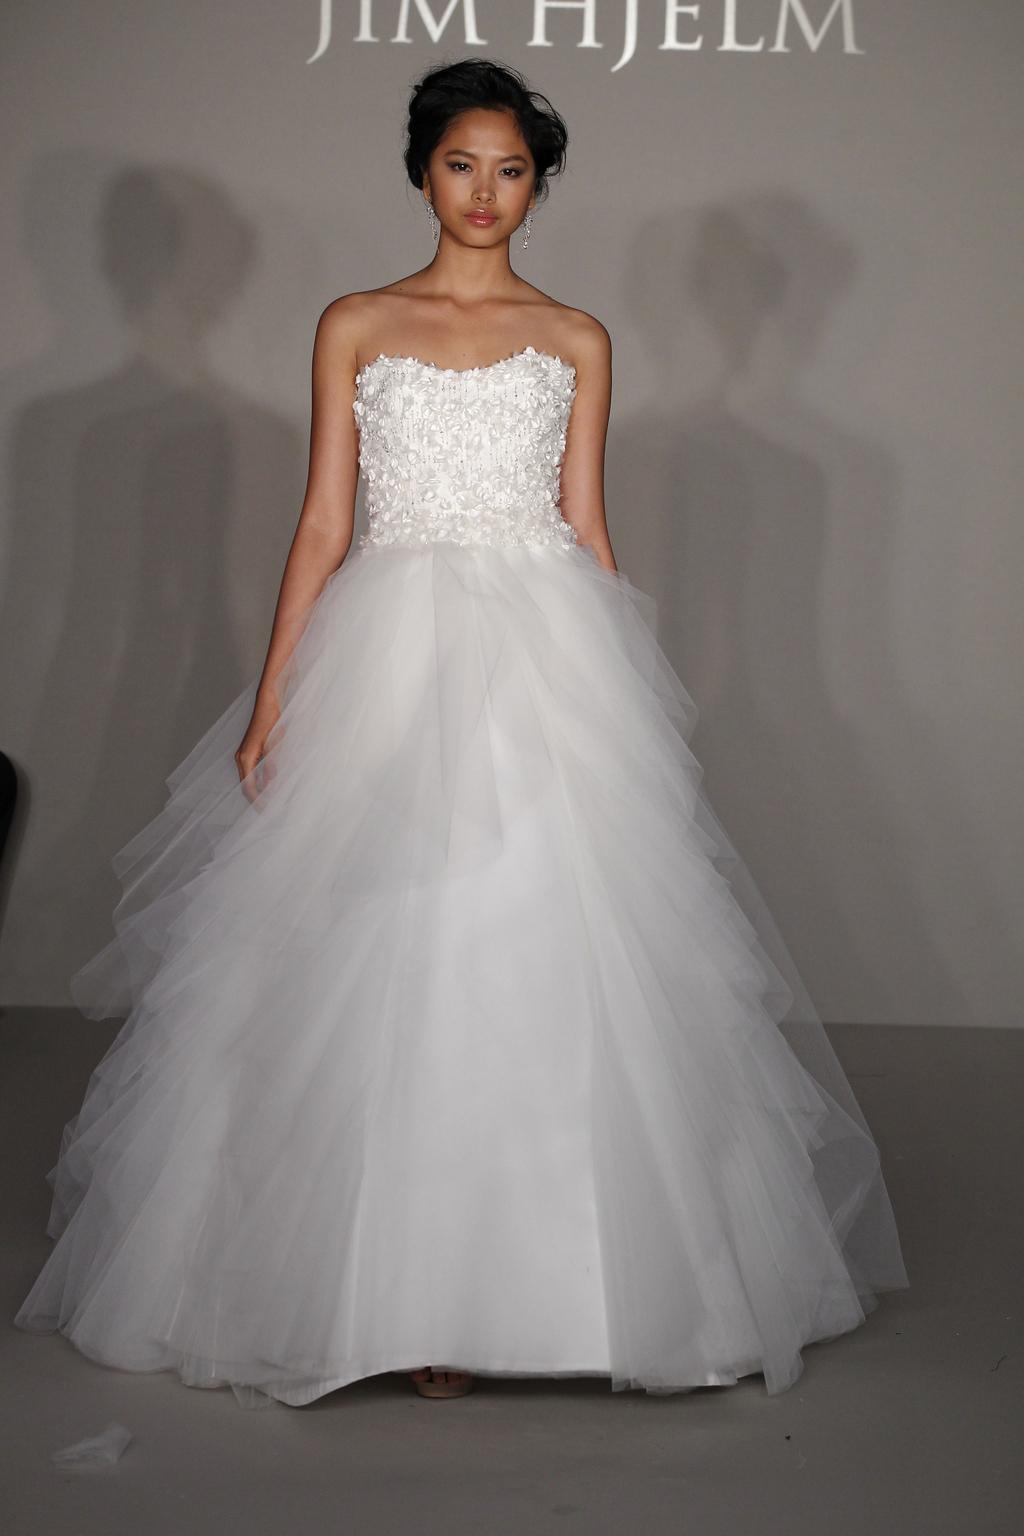 Jim-hjelm-wedding-dress-spring-2012-bridal-gowns-8201.full